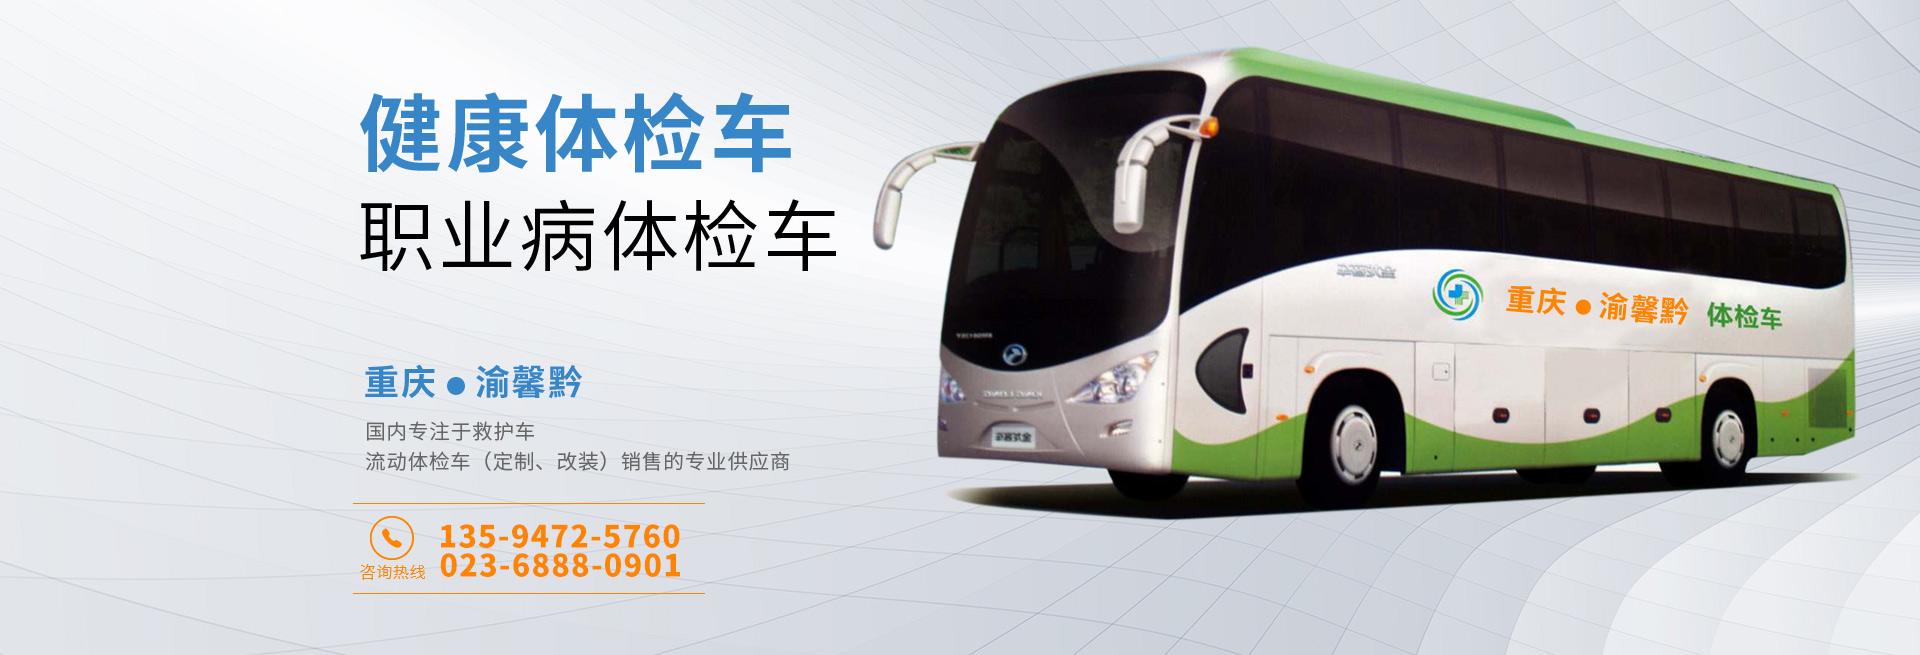 重庆救护车